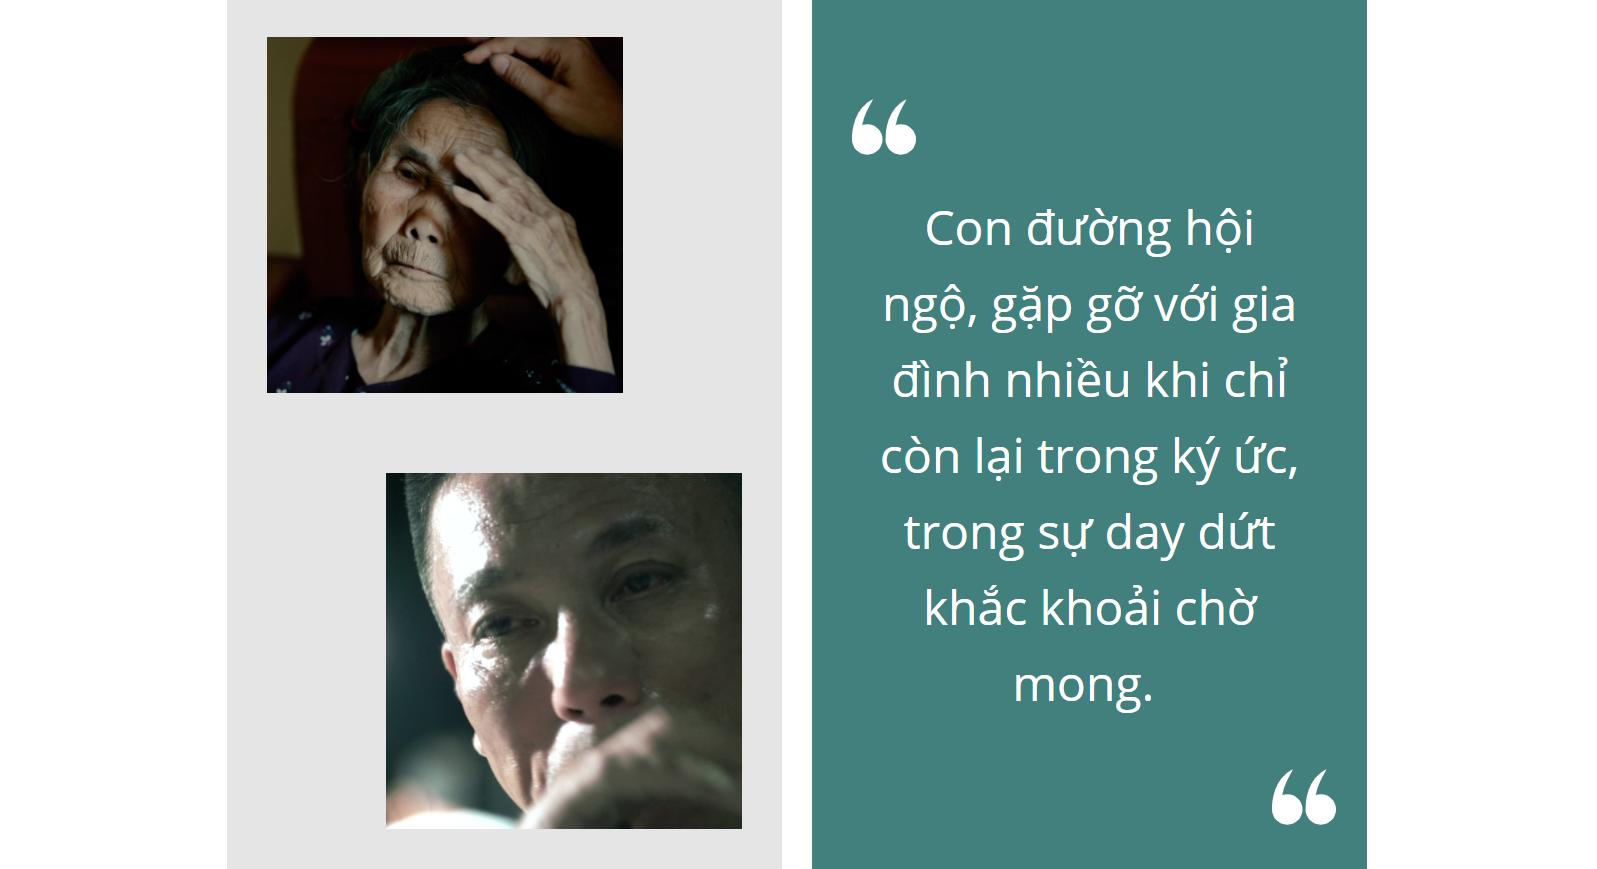 Đạo diễn Tạ Quỳnh Tư - VTV Đặc biệt Nẻo đường hội ngộ: Tôi làm phim theo linh tính mách bảo - Ảnh 1.